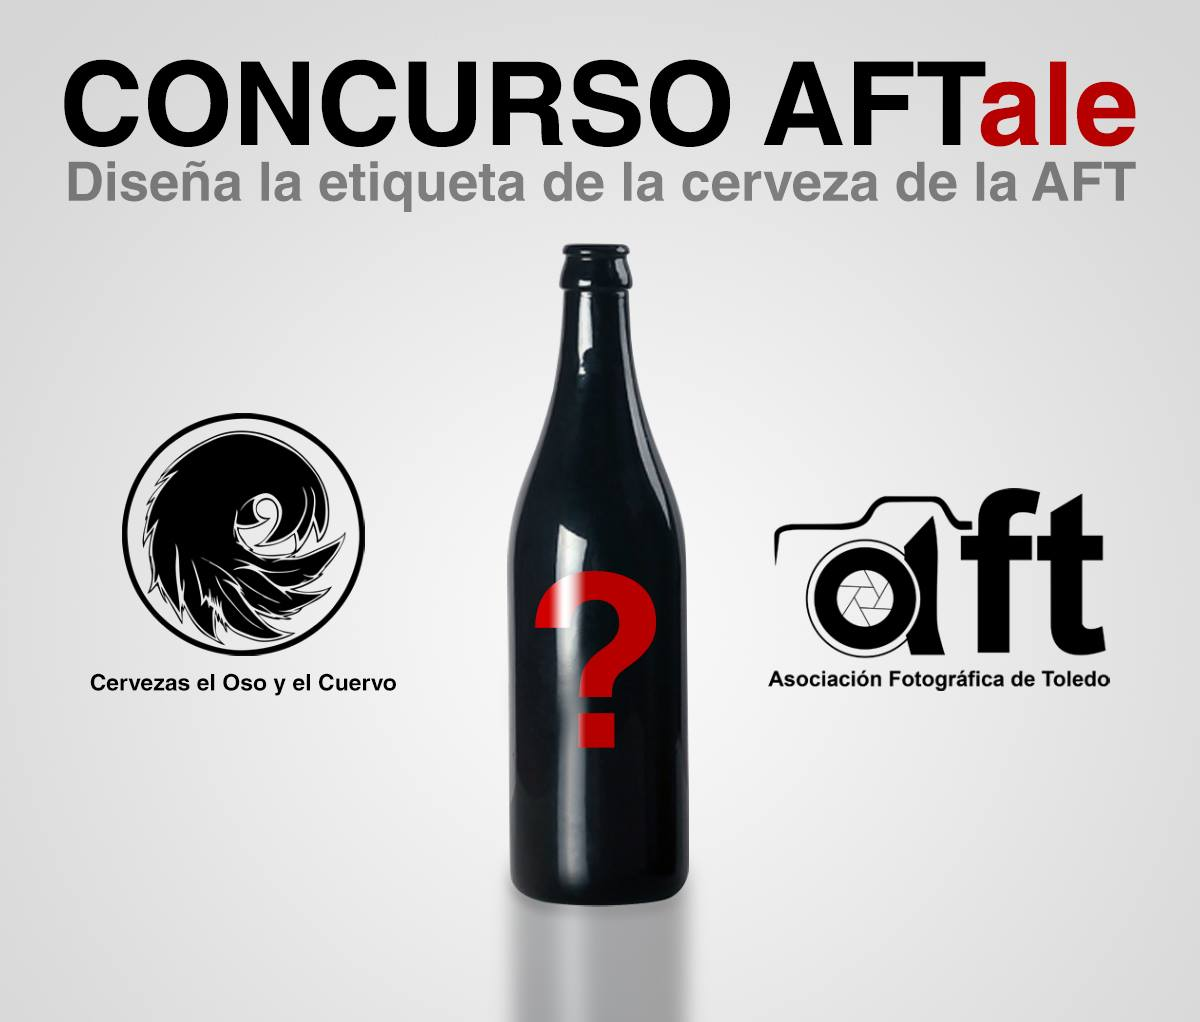 AFTale la cerveza de AFT - El concurso